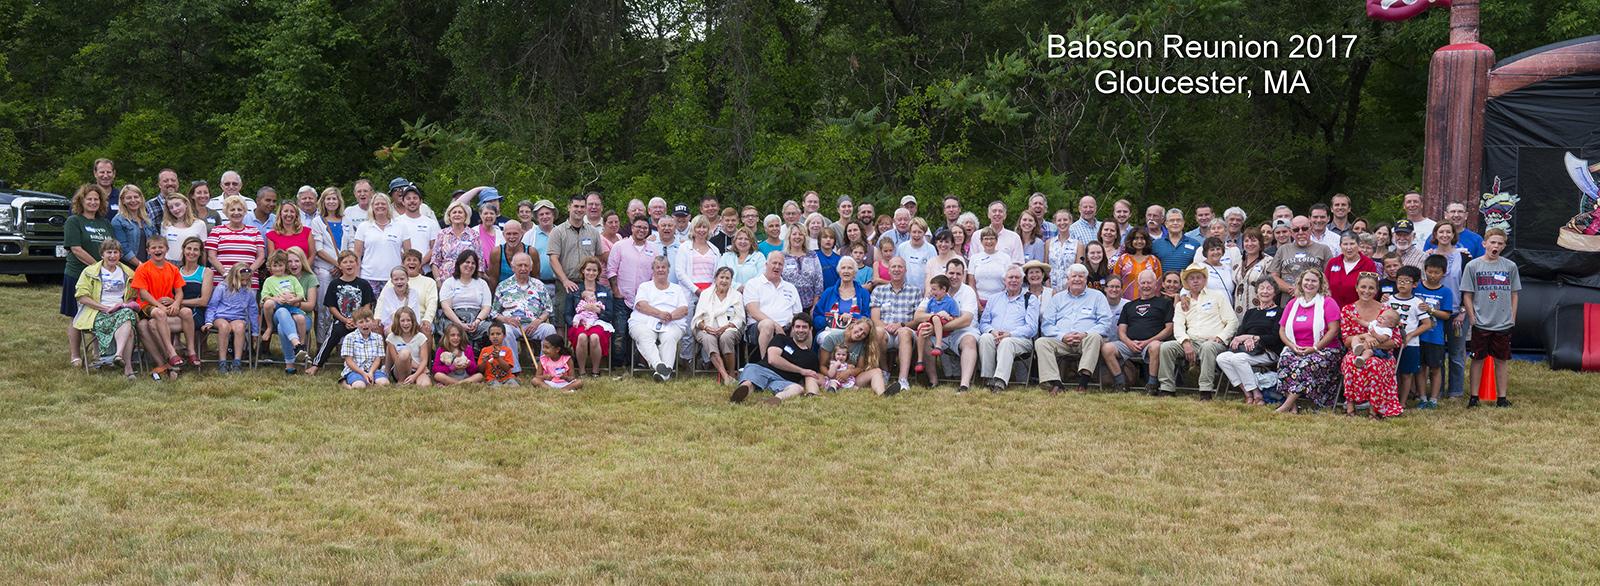 2017 Babson Reunion